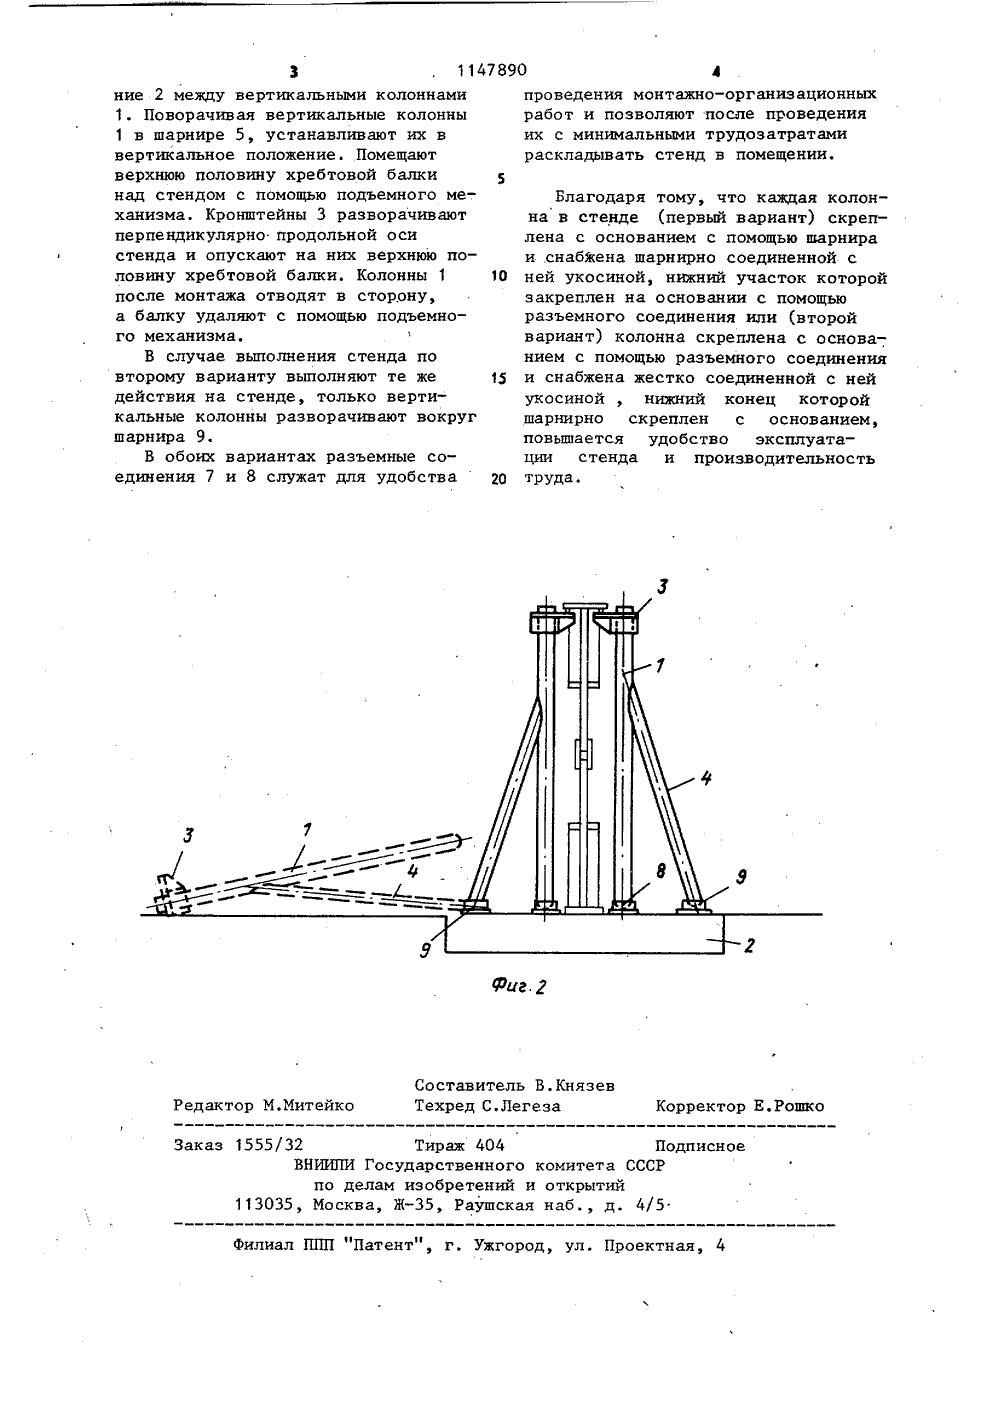 инструкция по монтажу котла дквр 10